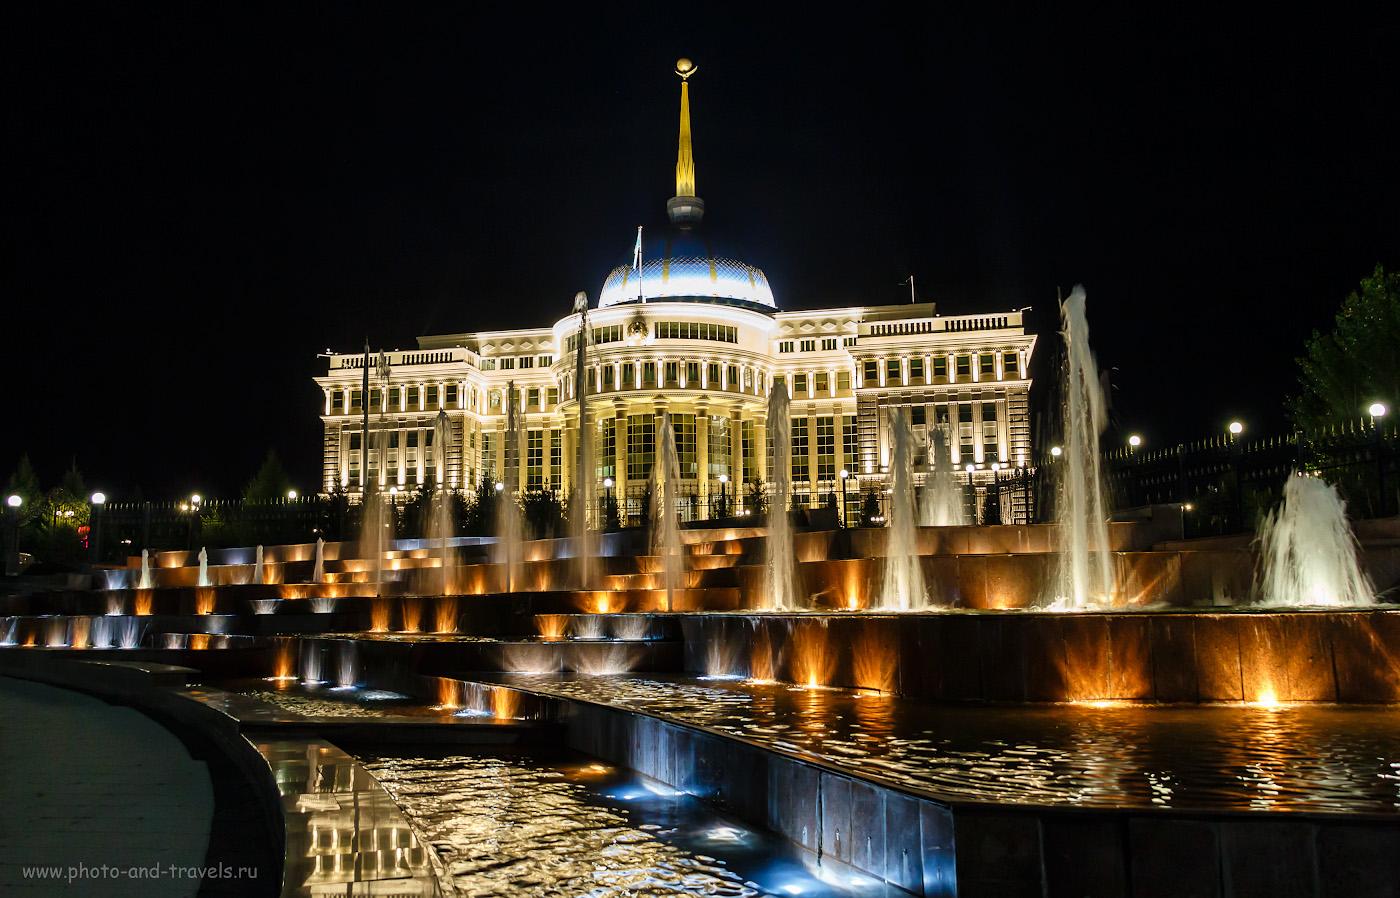 Снимок 5. Резиденция президента Республики Казахстан «Ак Орда». Что посмотреть в Астане вечером. 1/13, 4, 5, 800, 18.